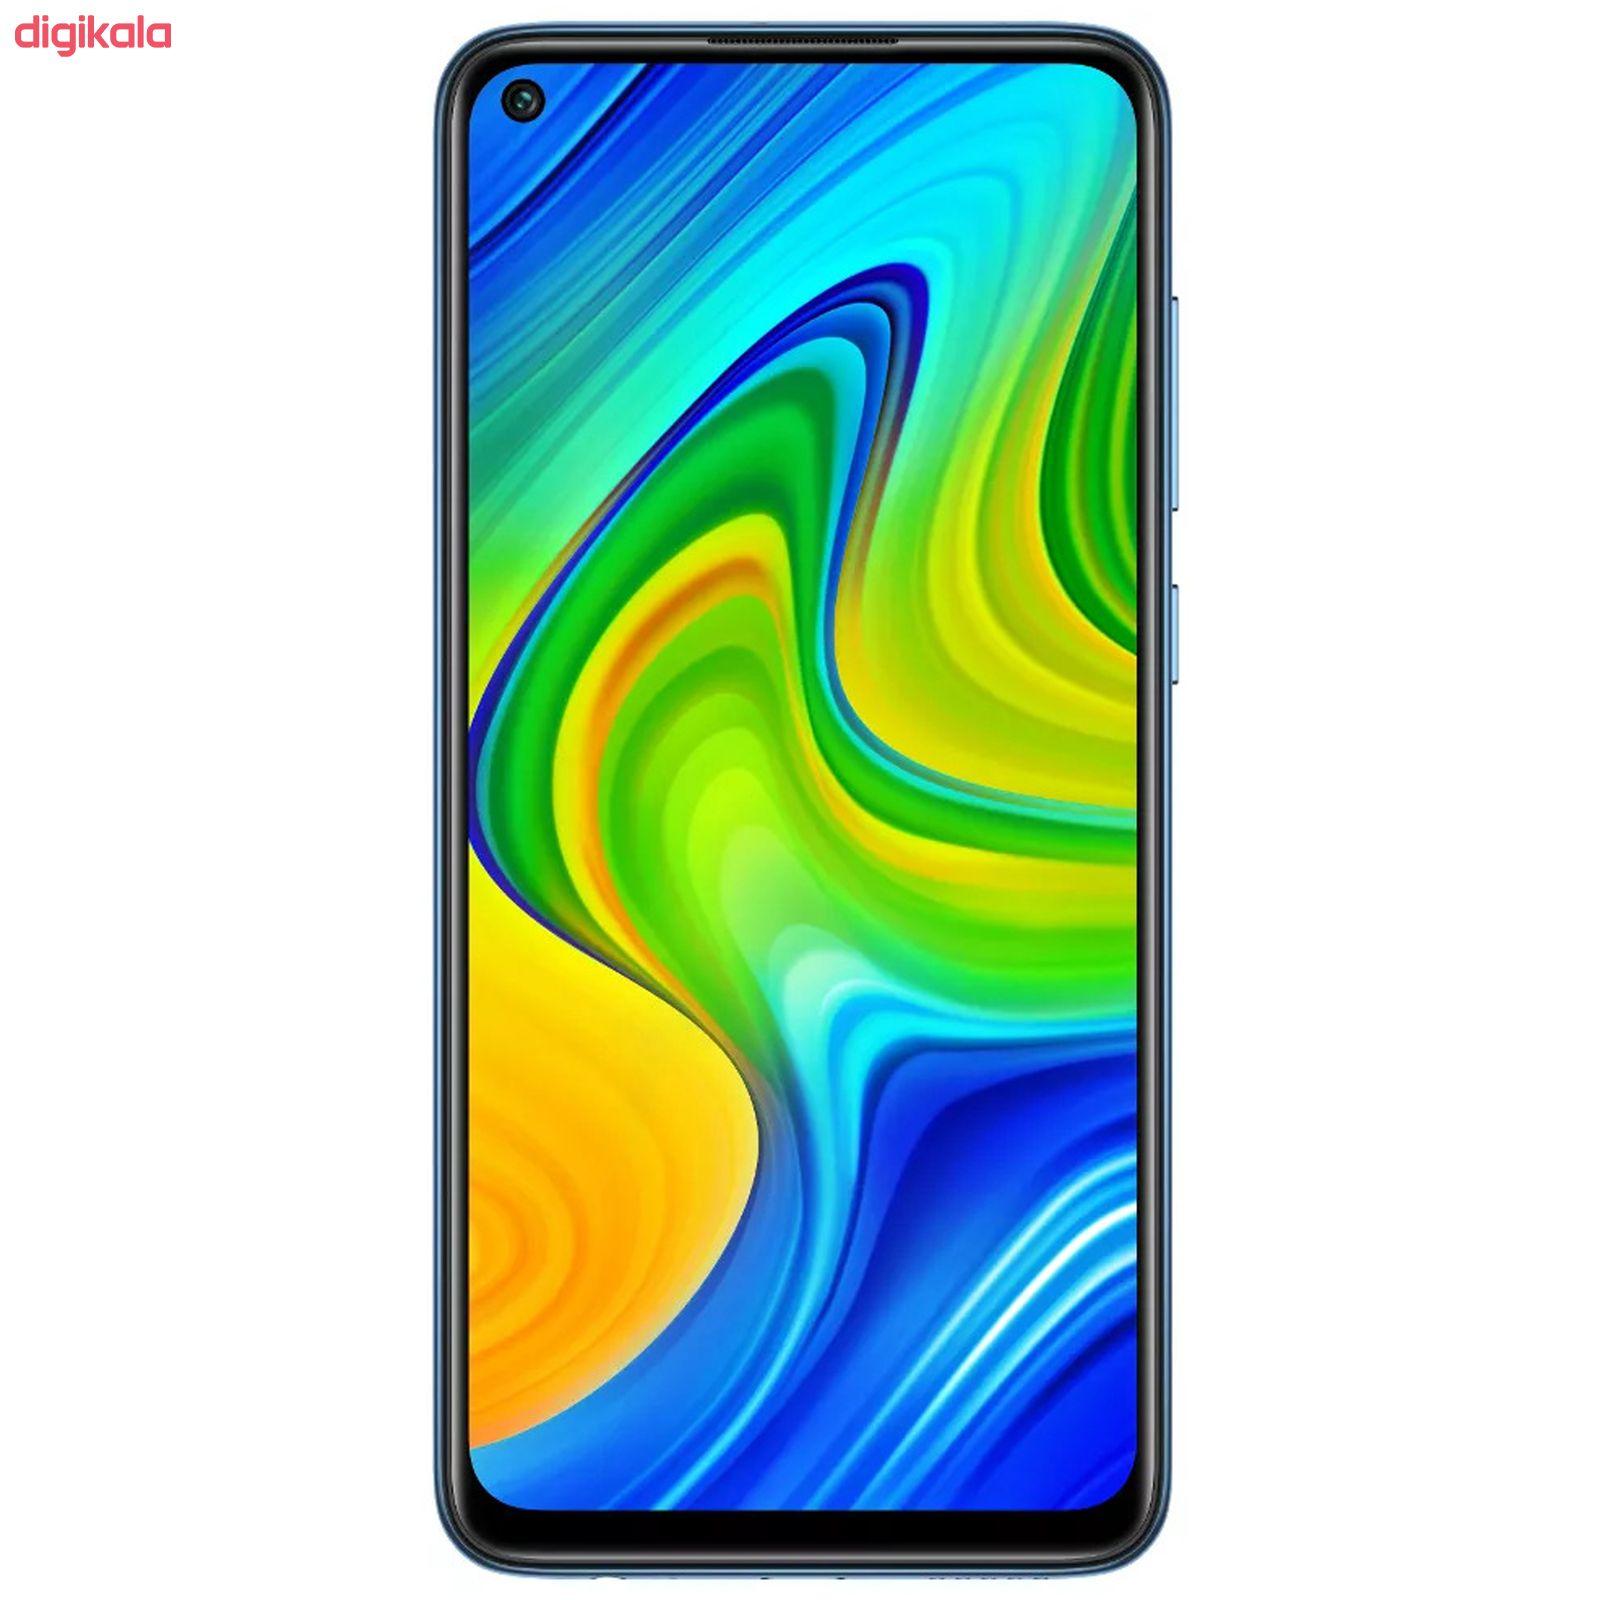 گوشی موبایل شیائومی مدل Redmi Note 9 M2003J15SG دو سیم کارت ظرفیت 128 گیگابایت و رم 4 گیگابایت main 1 1